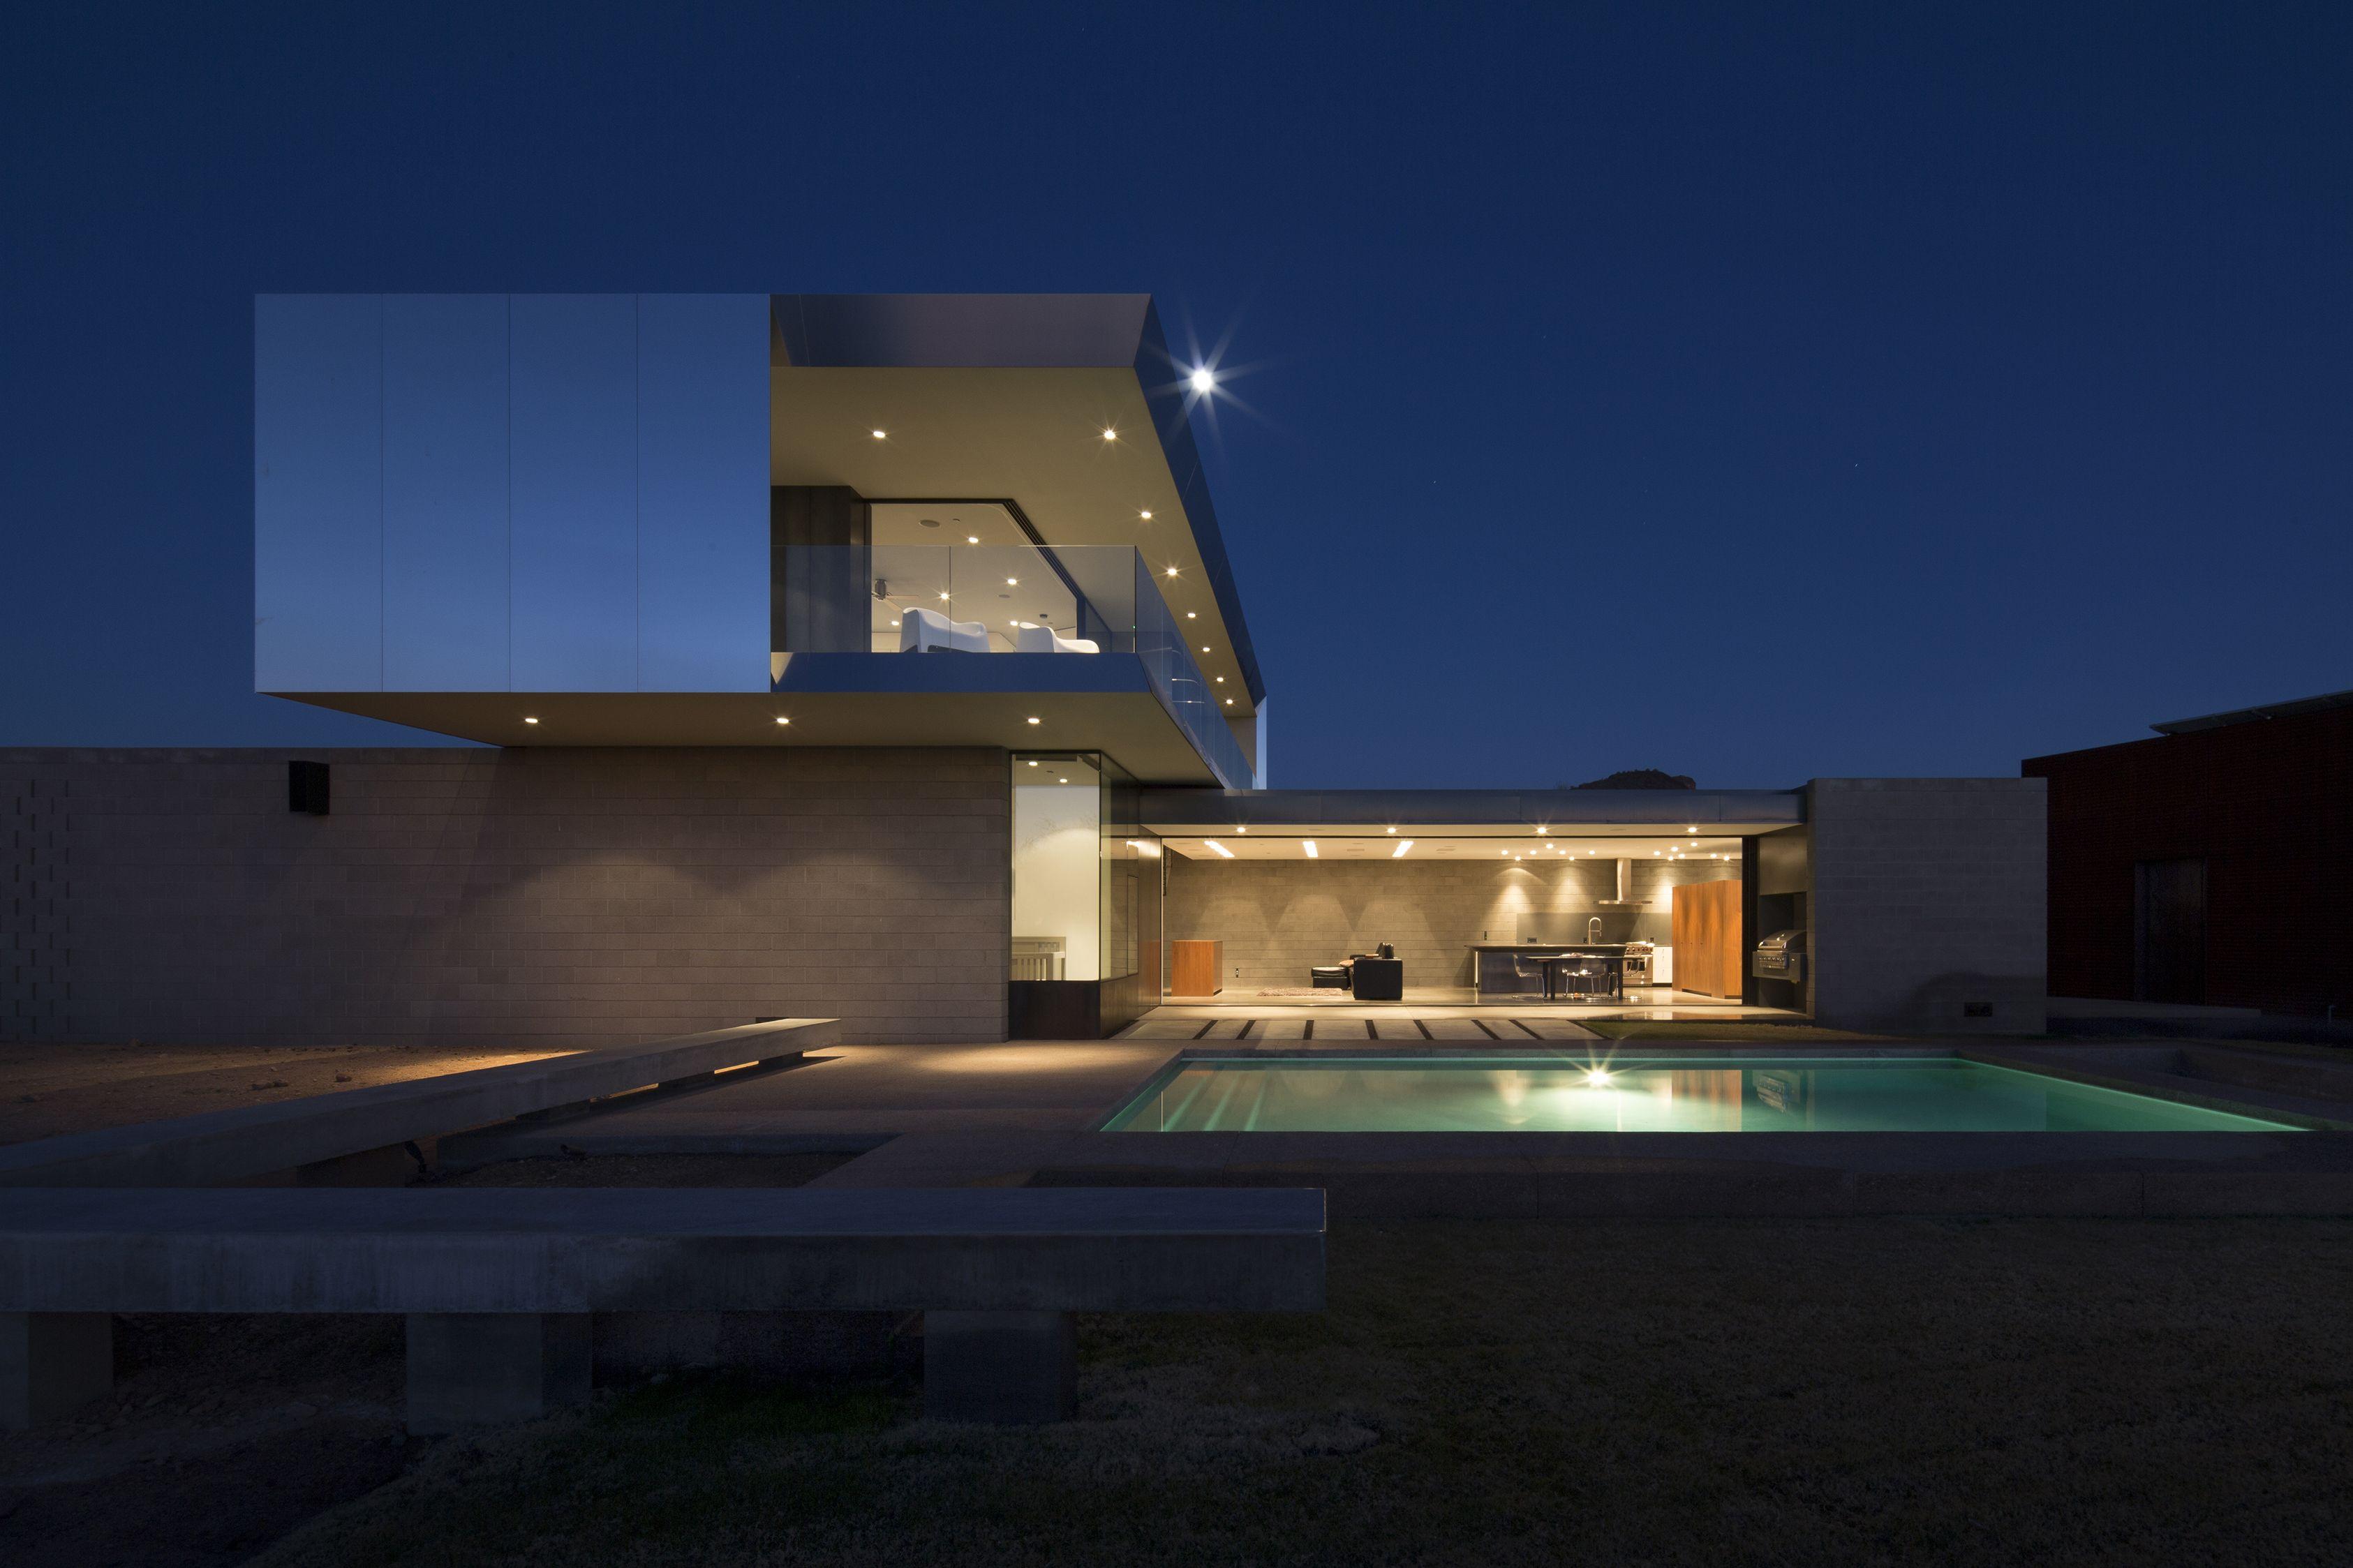 Staab Residence by  Chen + Suchart Studio LLC -  Scottsdale, AZ, United States